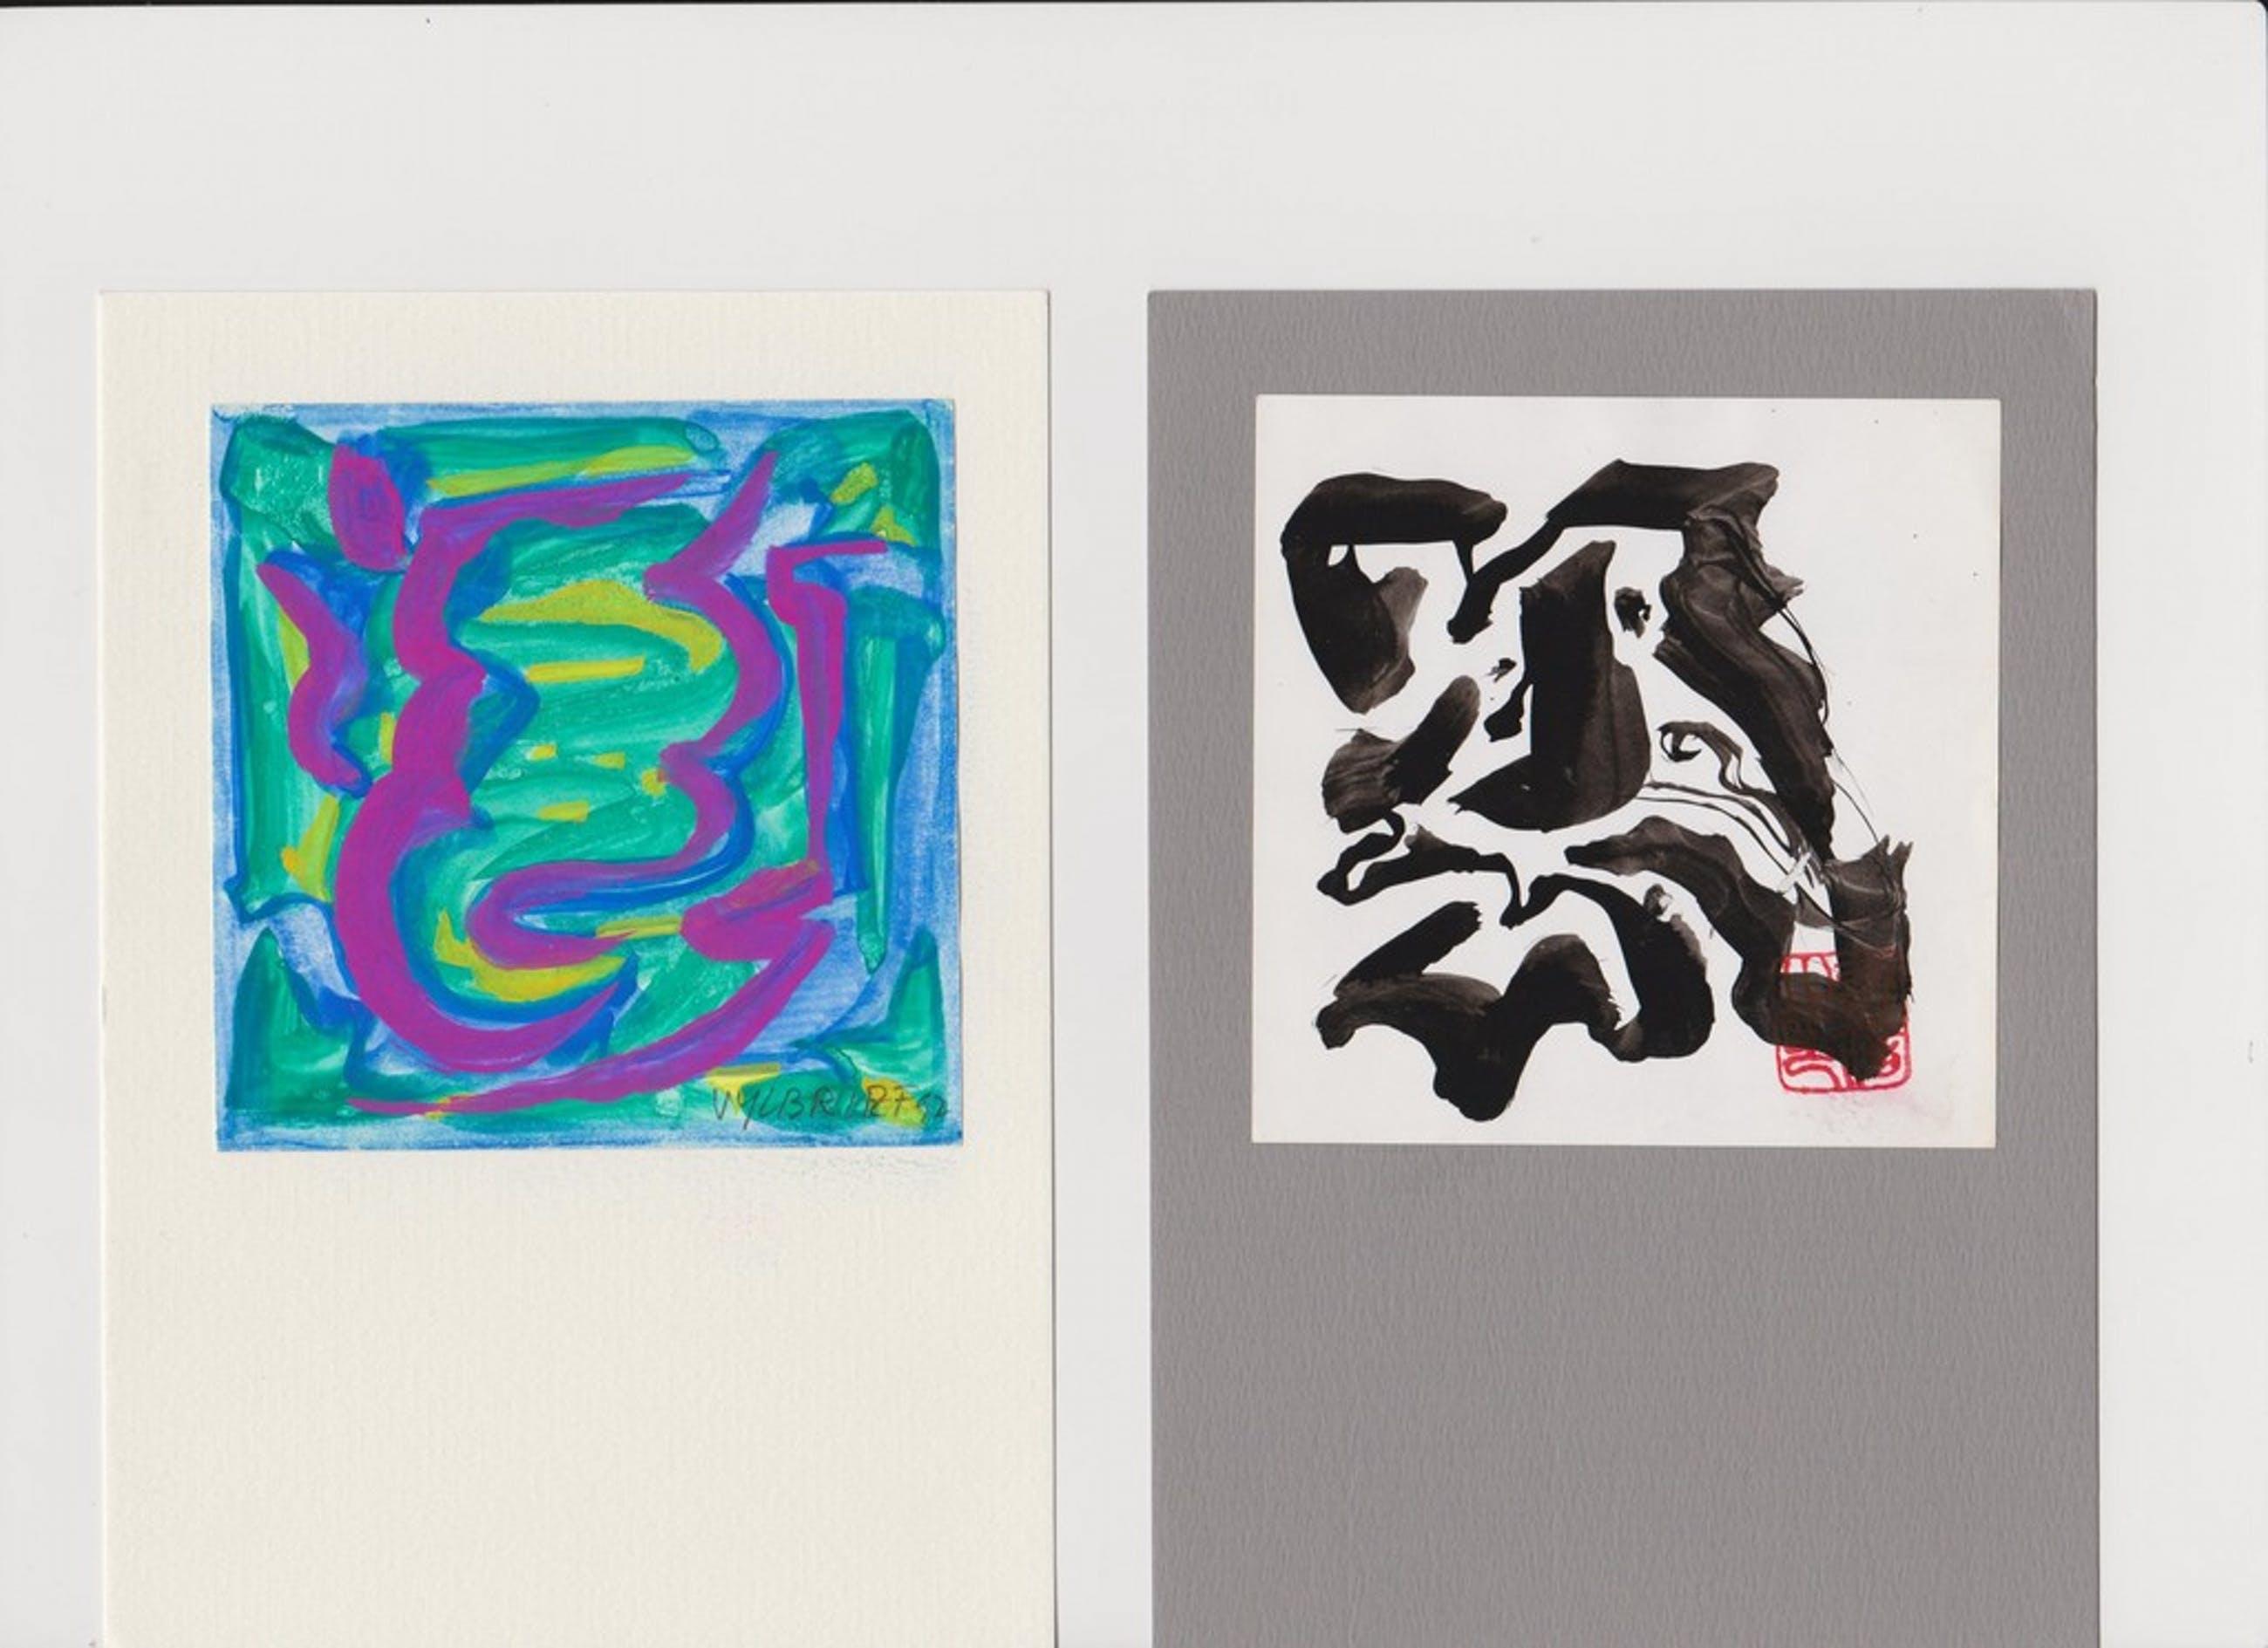 Ernst Vijlbrief (1934-2010) 2 tekeningetje geplakt op karton kopen? Bied vanaf 25!